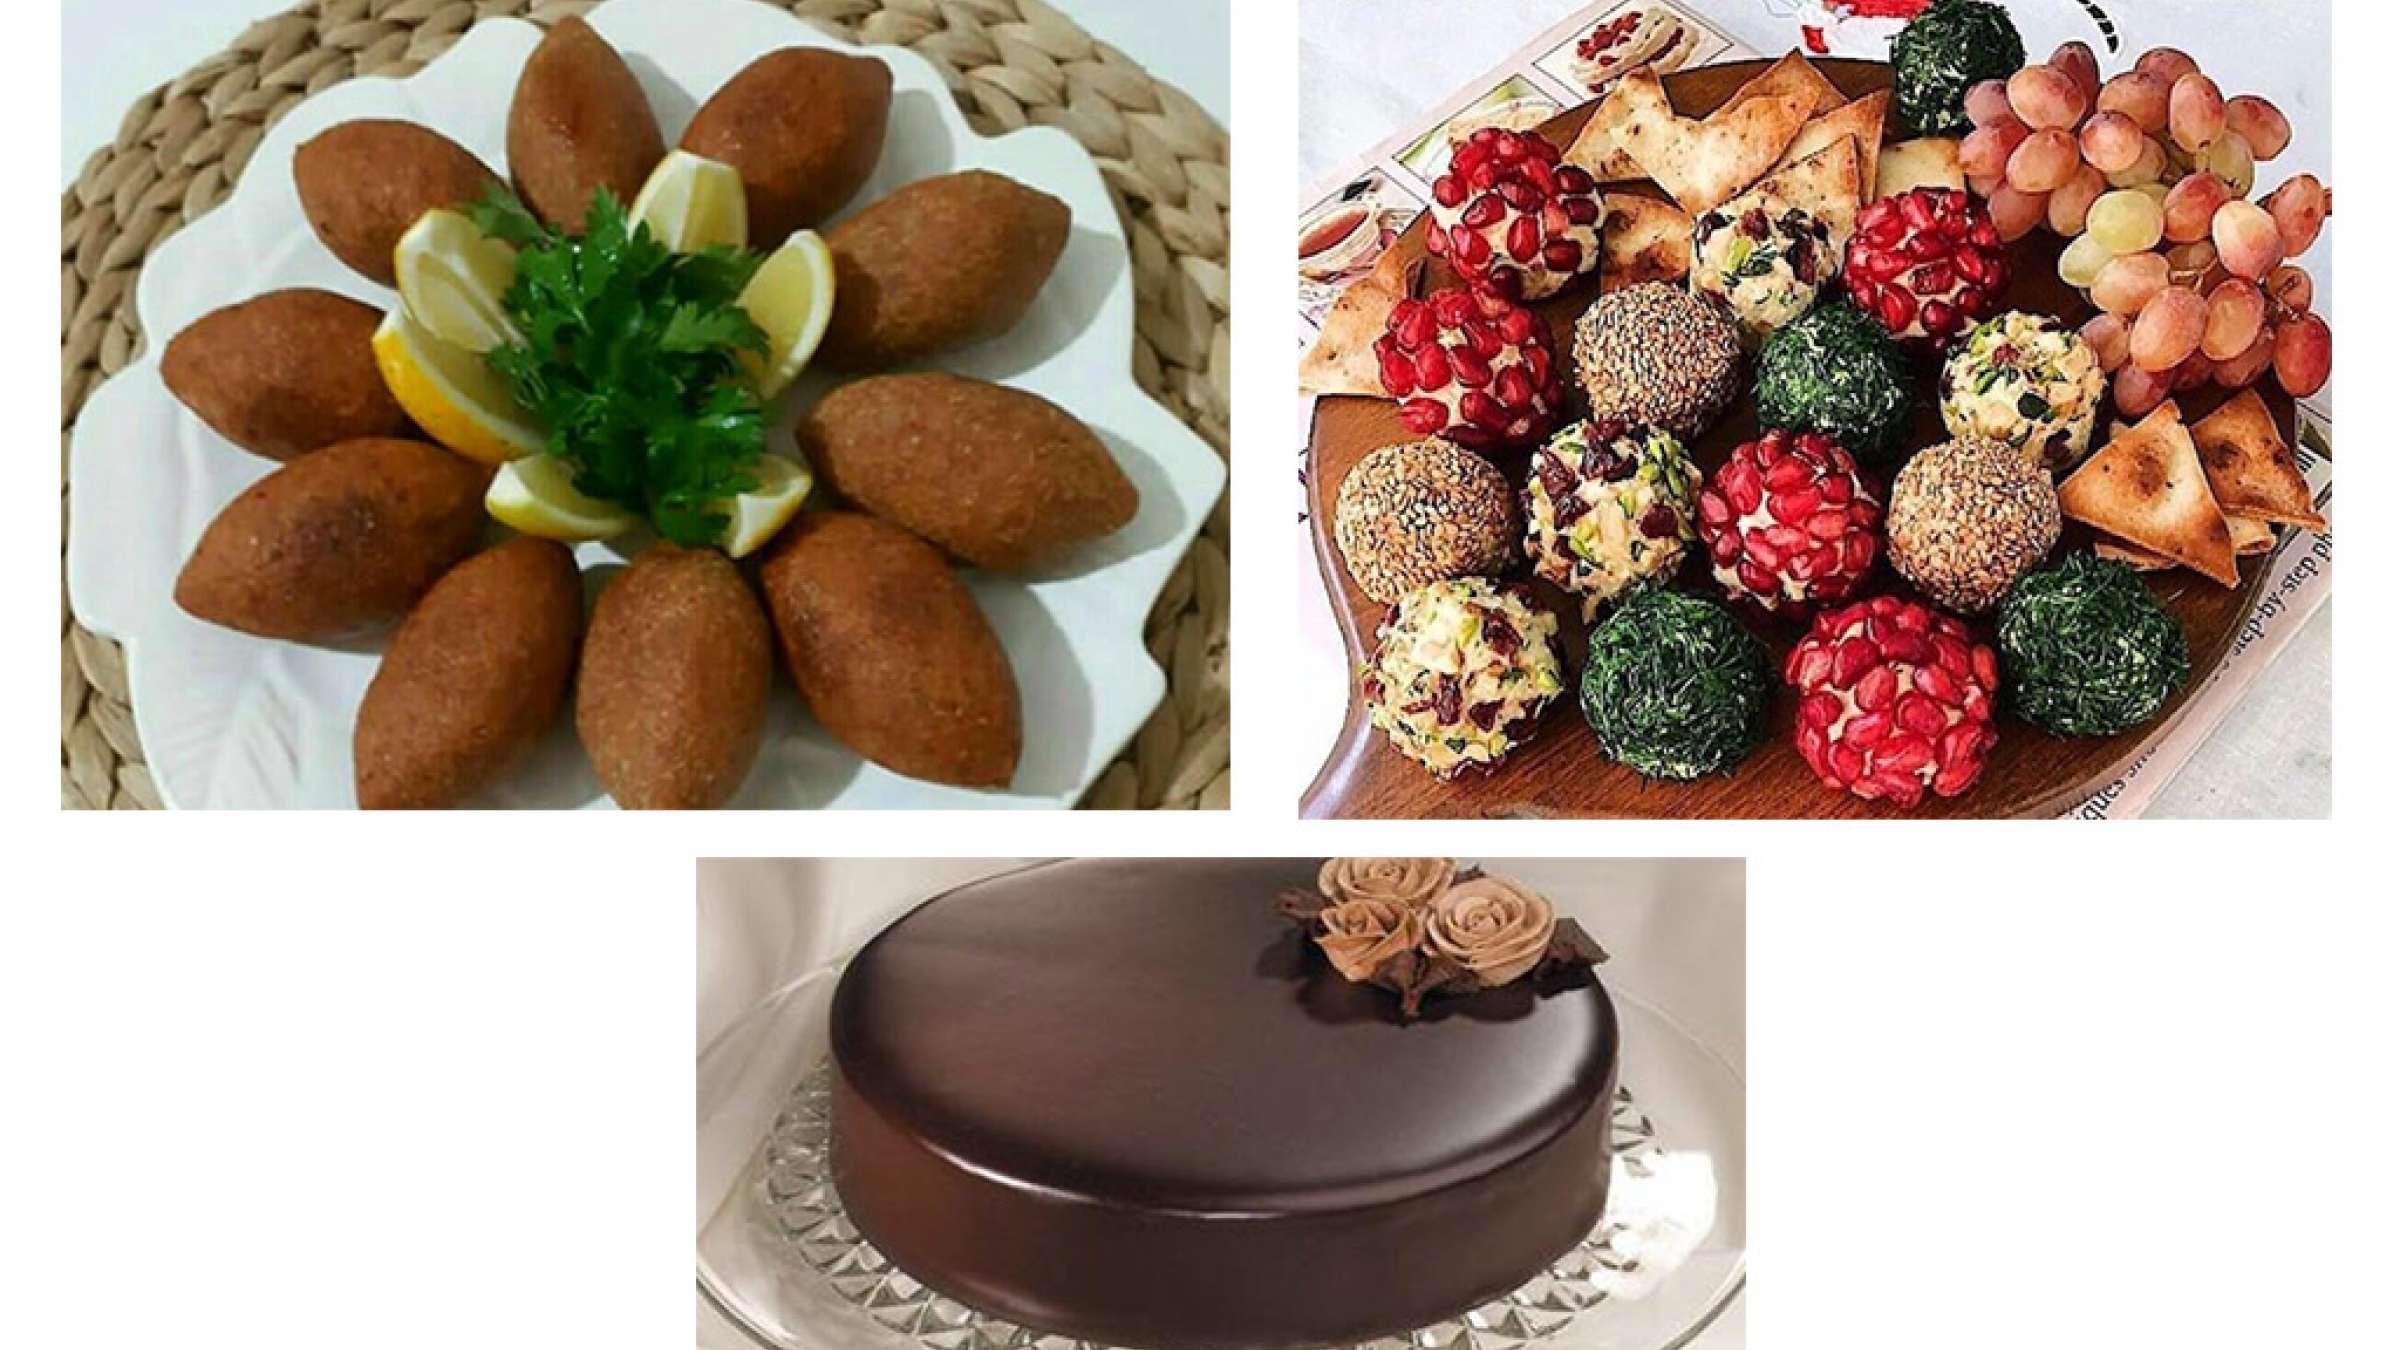 آشپزی-ترابی-ترافل-سالاد-کوفته-ایشلی-ترکیه-گاناش